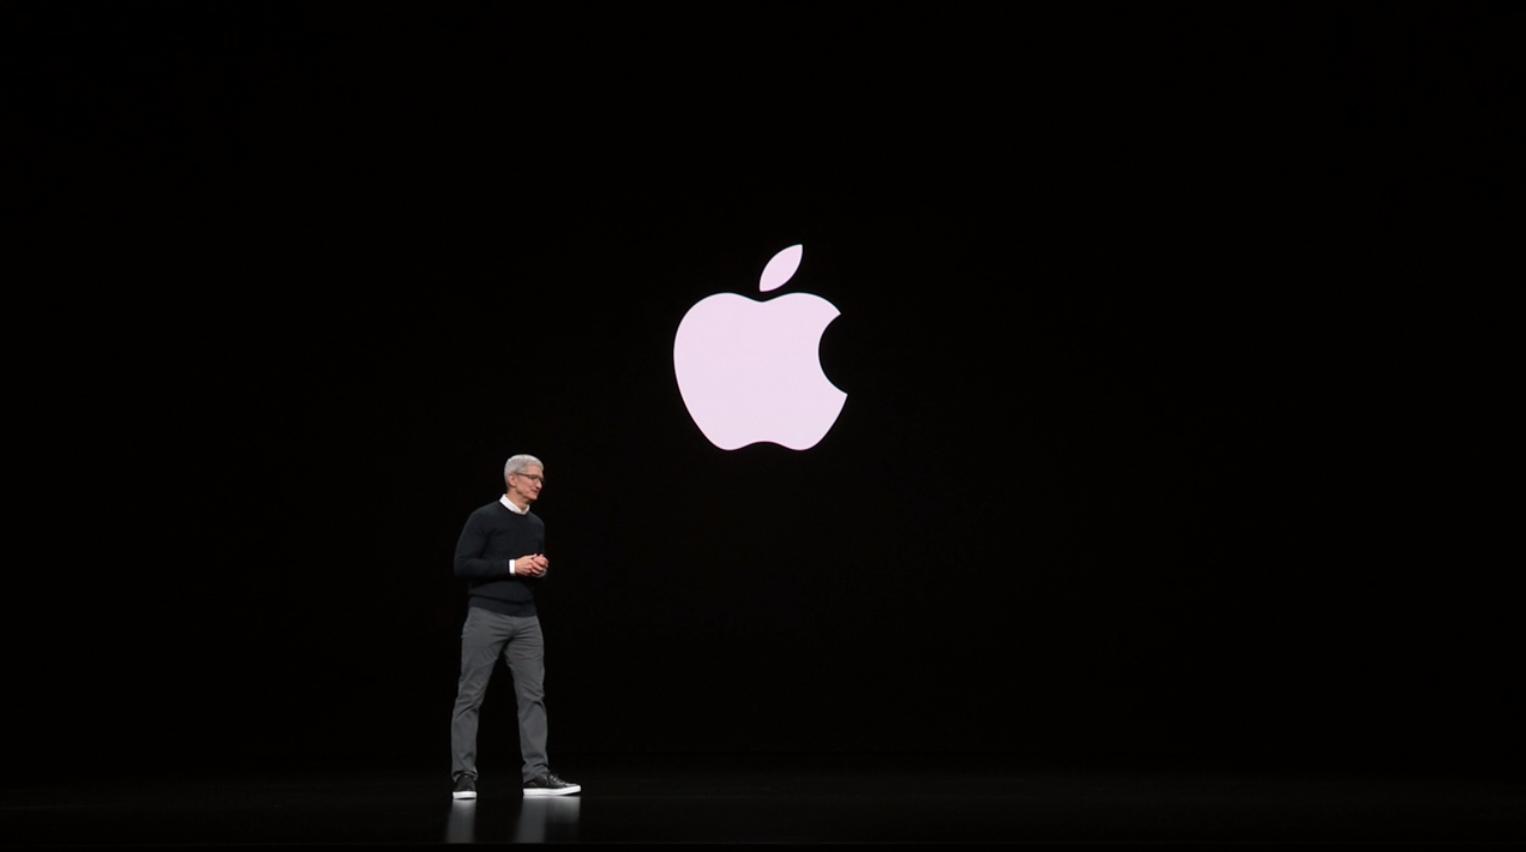 四大服务升级,苹果2019春季发布会说了这些新消息